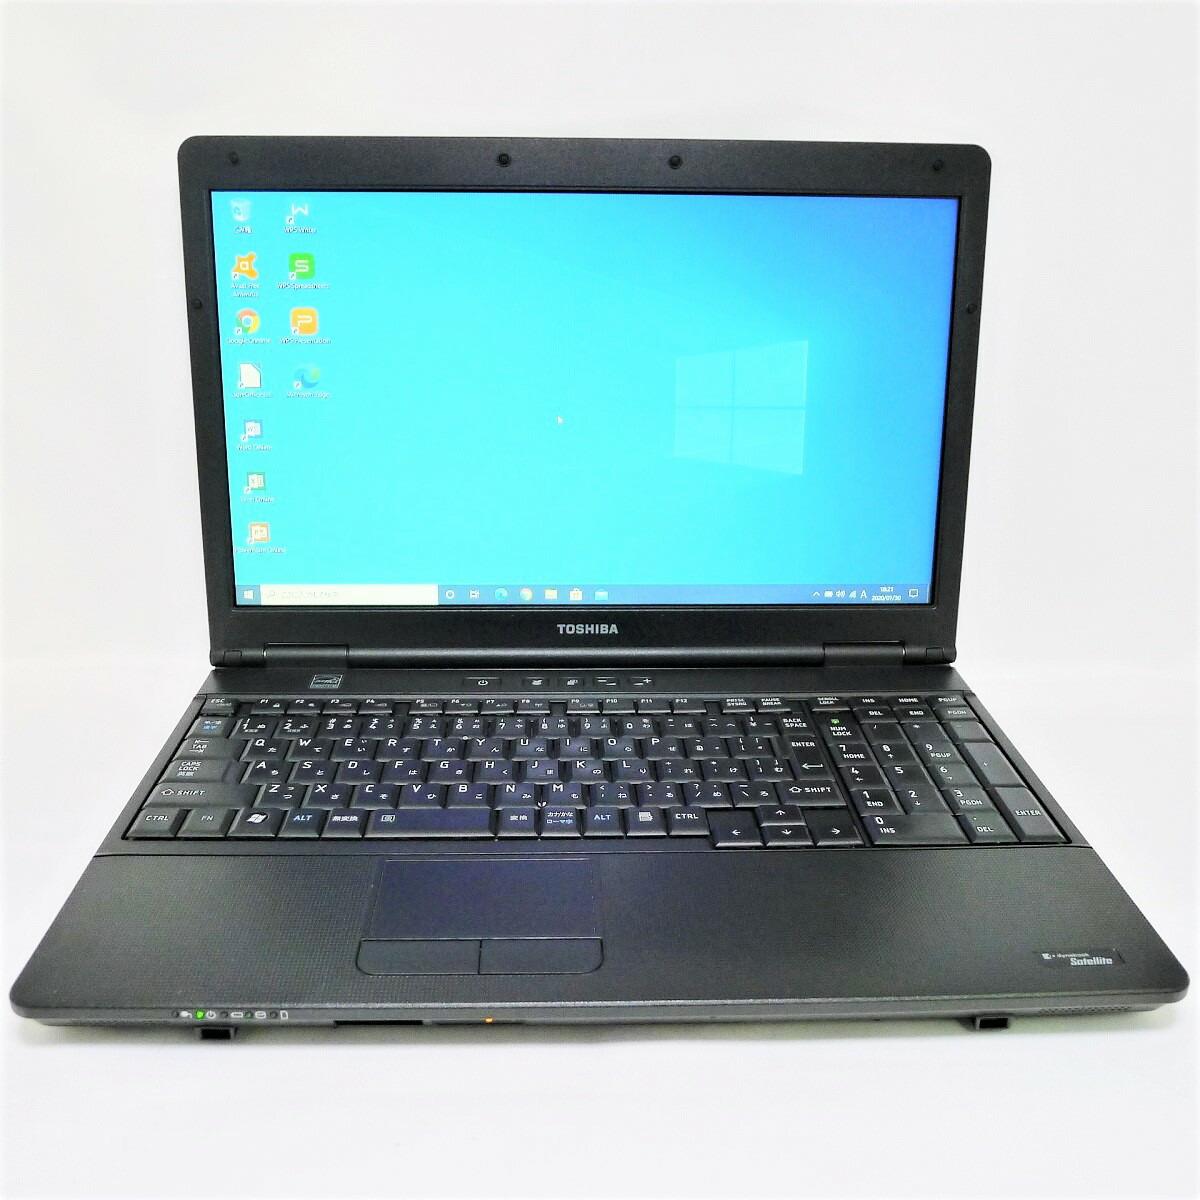 【新品バッテリー】TOSHIBA dynabook Satellite B552 Core i5 16GB 新品SSD2TB DVD-ROM テンキーあり 無線LAN Windows10 64bitWPSOffice 15.6インチ 中古 中古パソコン 【中古】 ノートパソコン